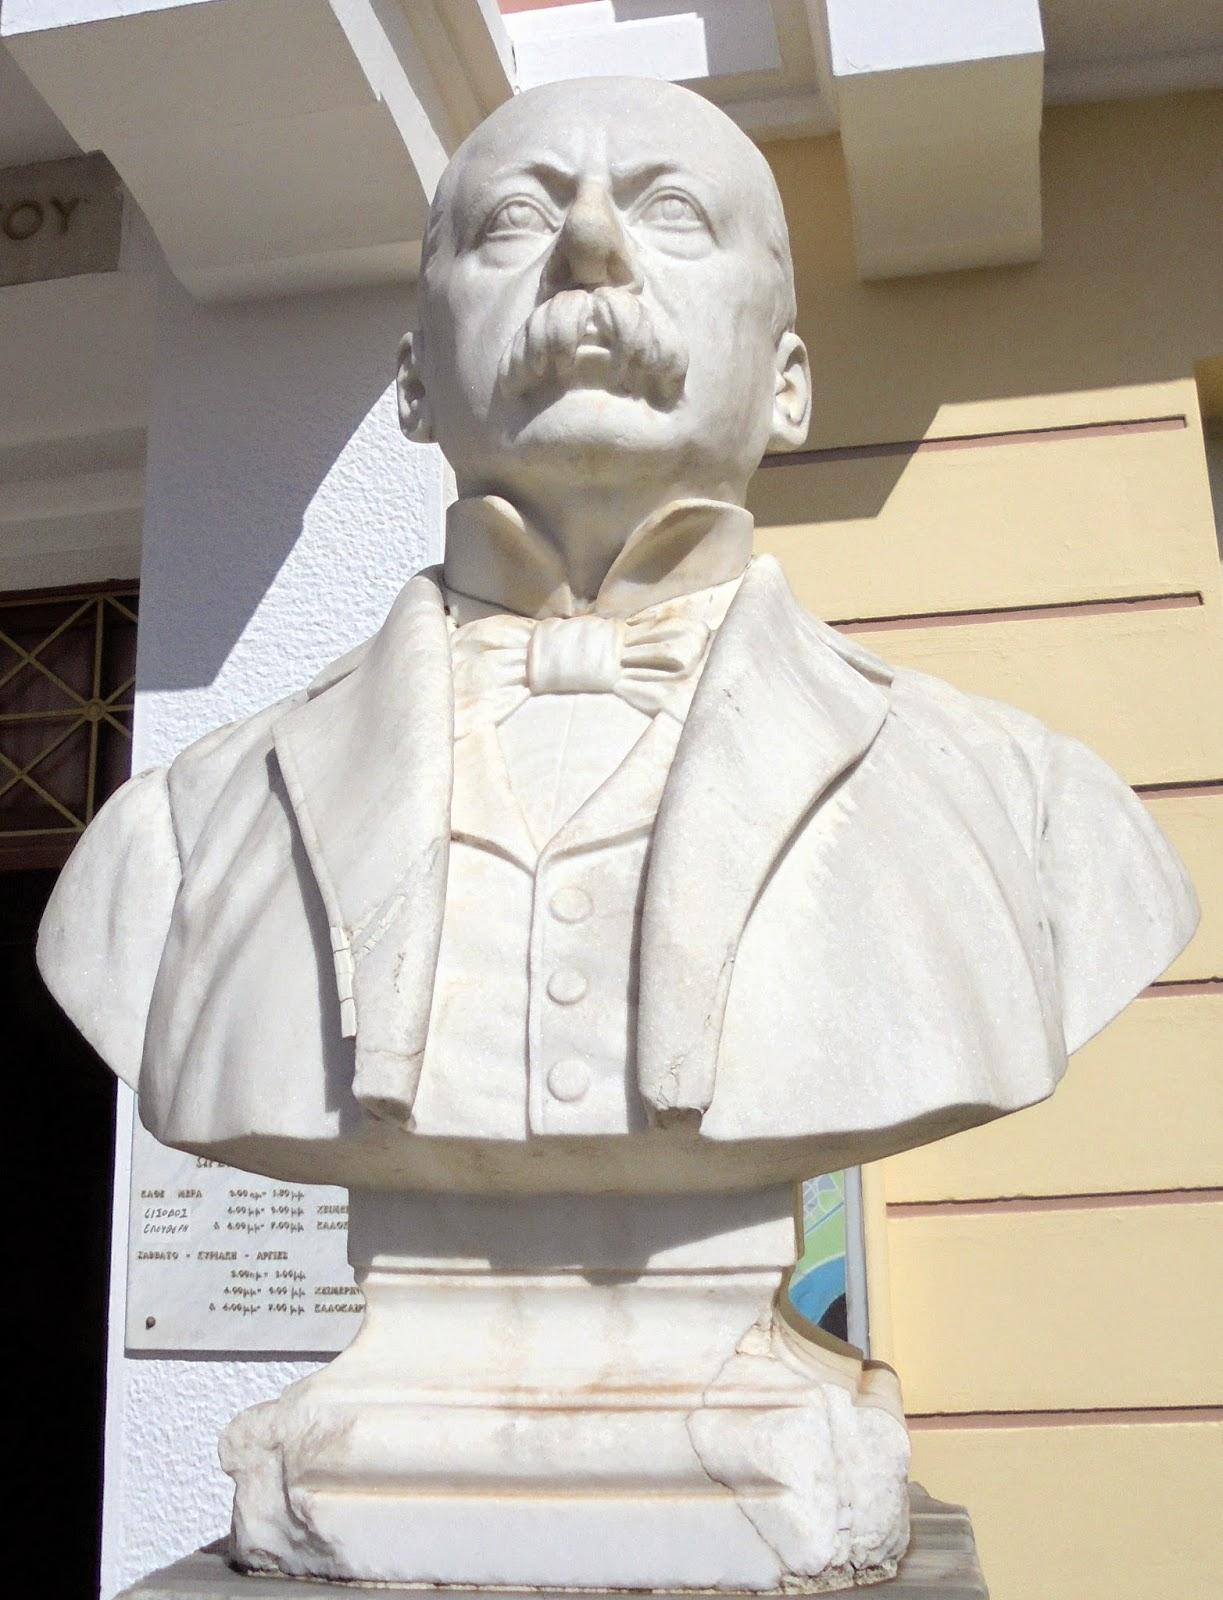 προτομή του Χαρίλαου Τρικούπη στο Μουσείο Ιστορίας και Τέχνης του Μεσολογγίου